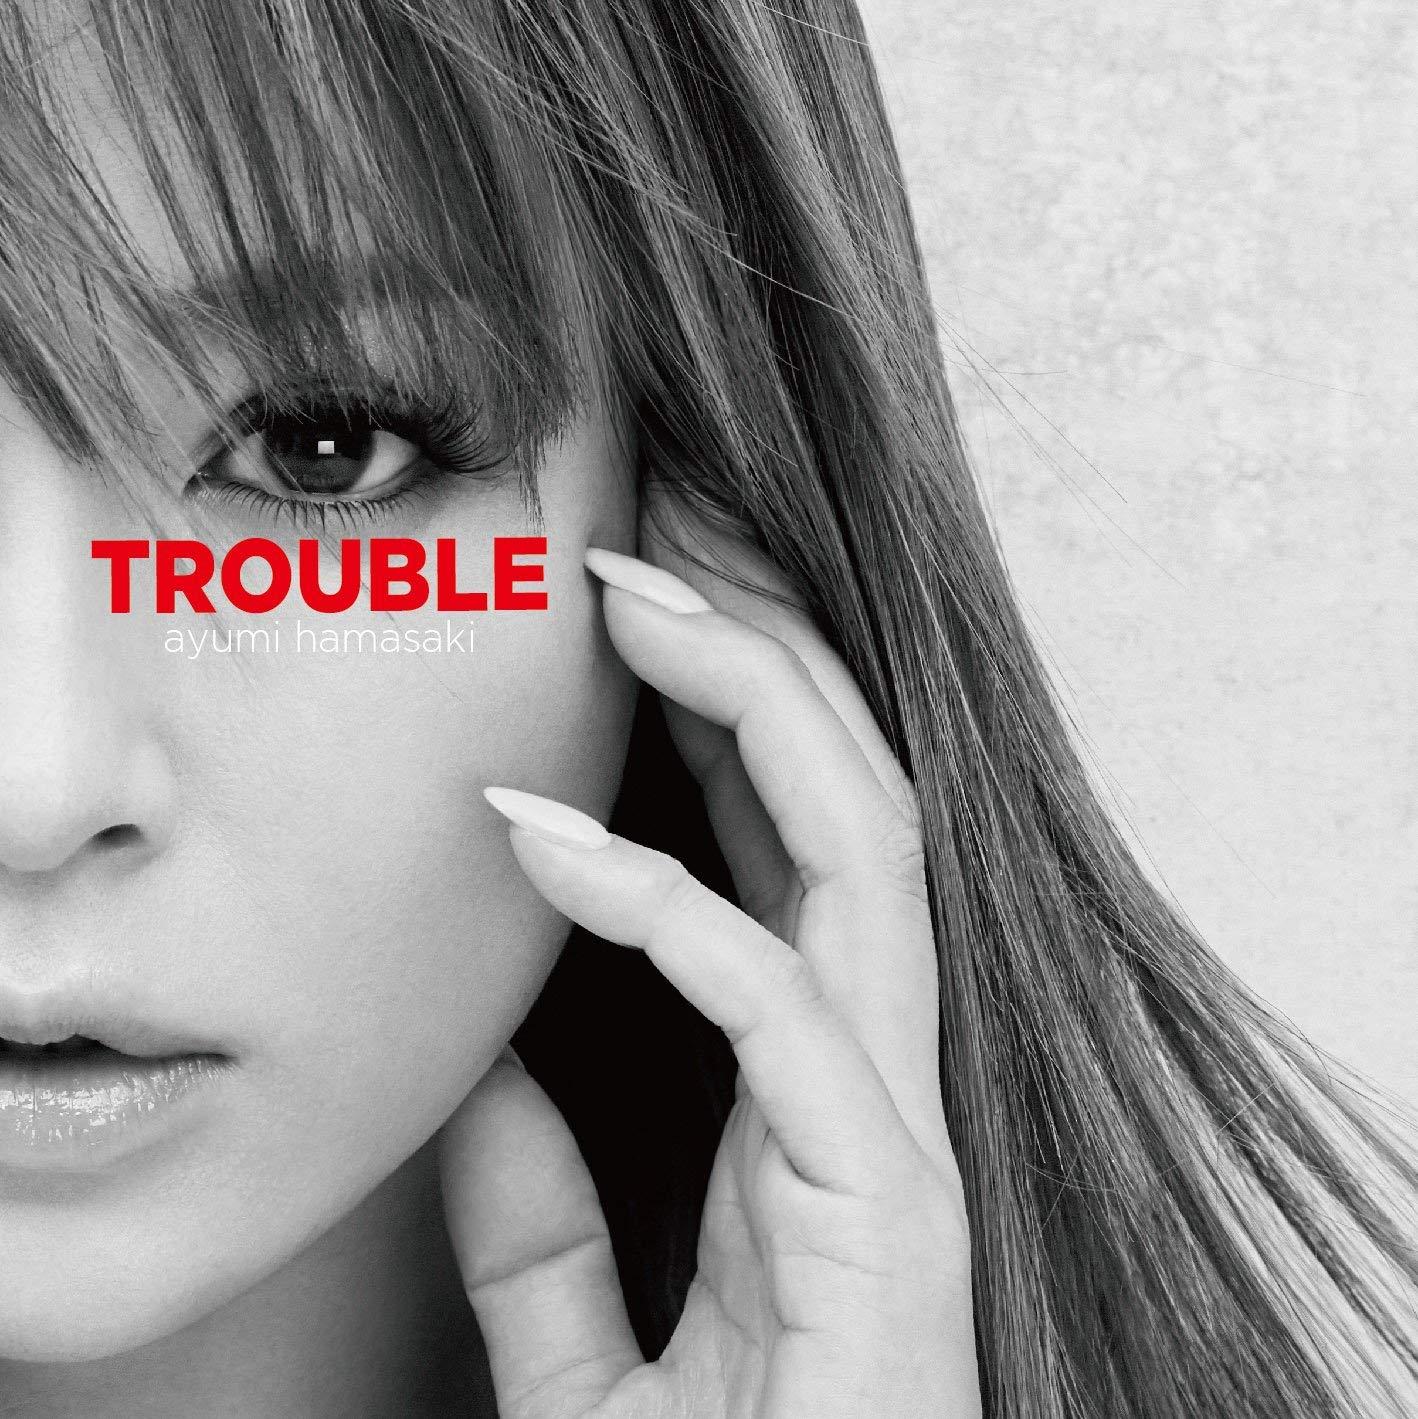 浜崎あゆみ (Ayumi Hamasaki) – TROUBLE [FLAC + MP3 320 / WEB] [2018.08.15]